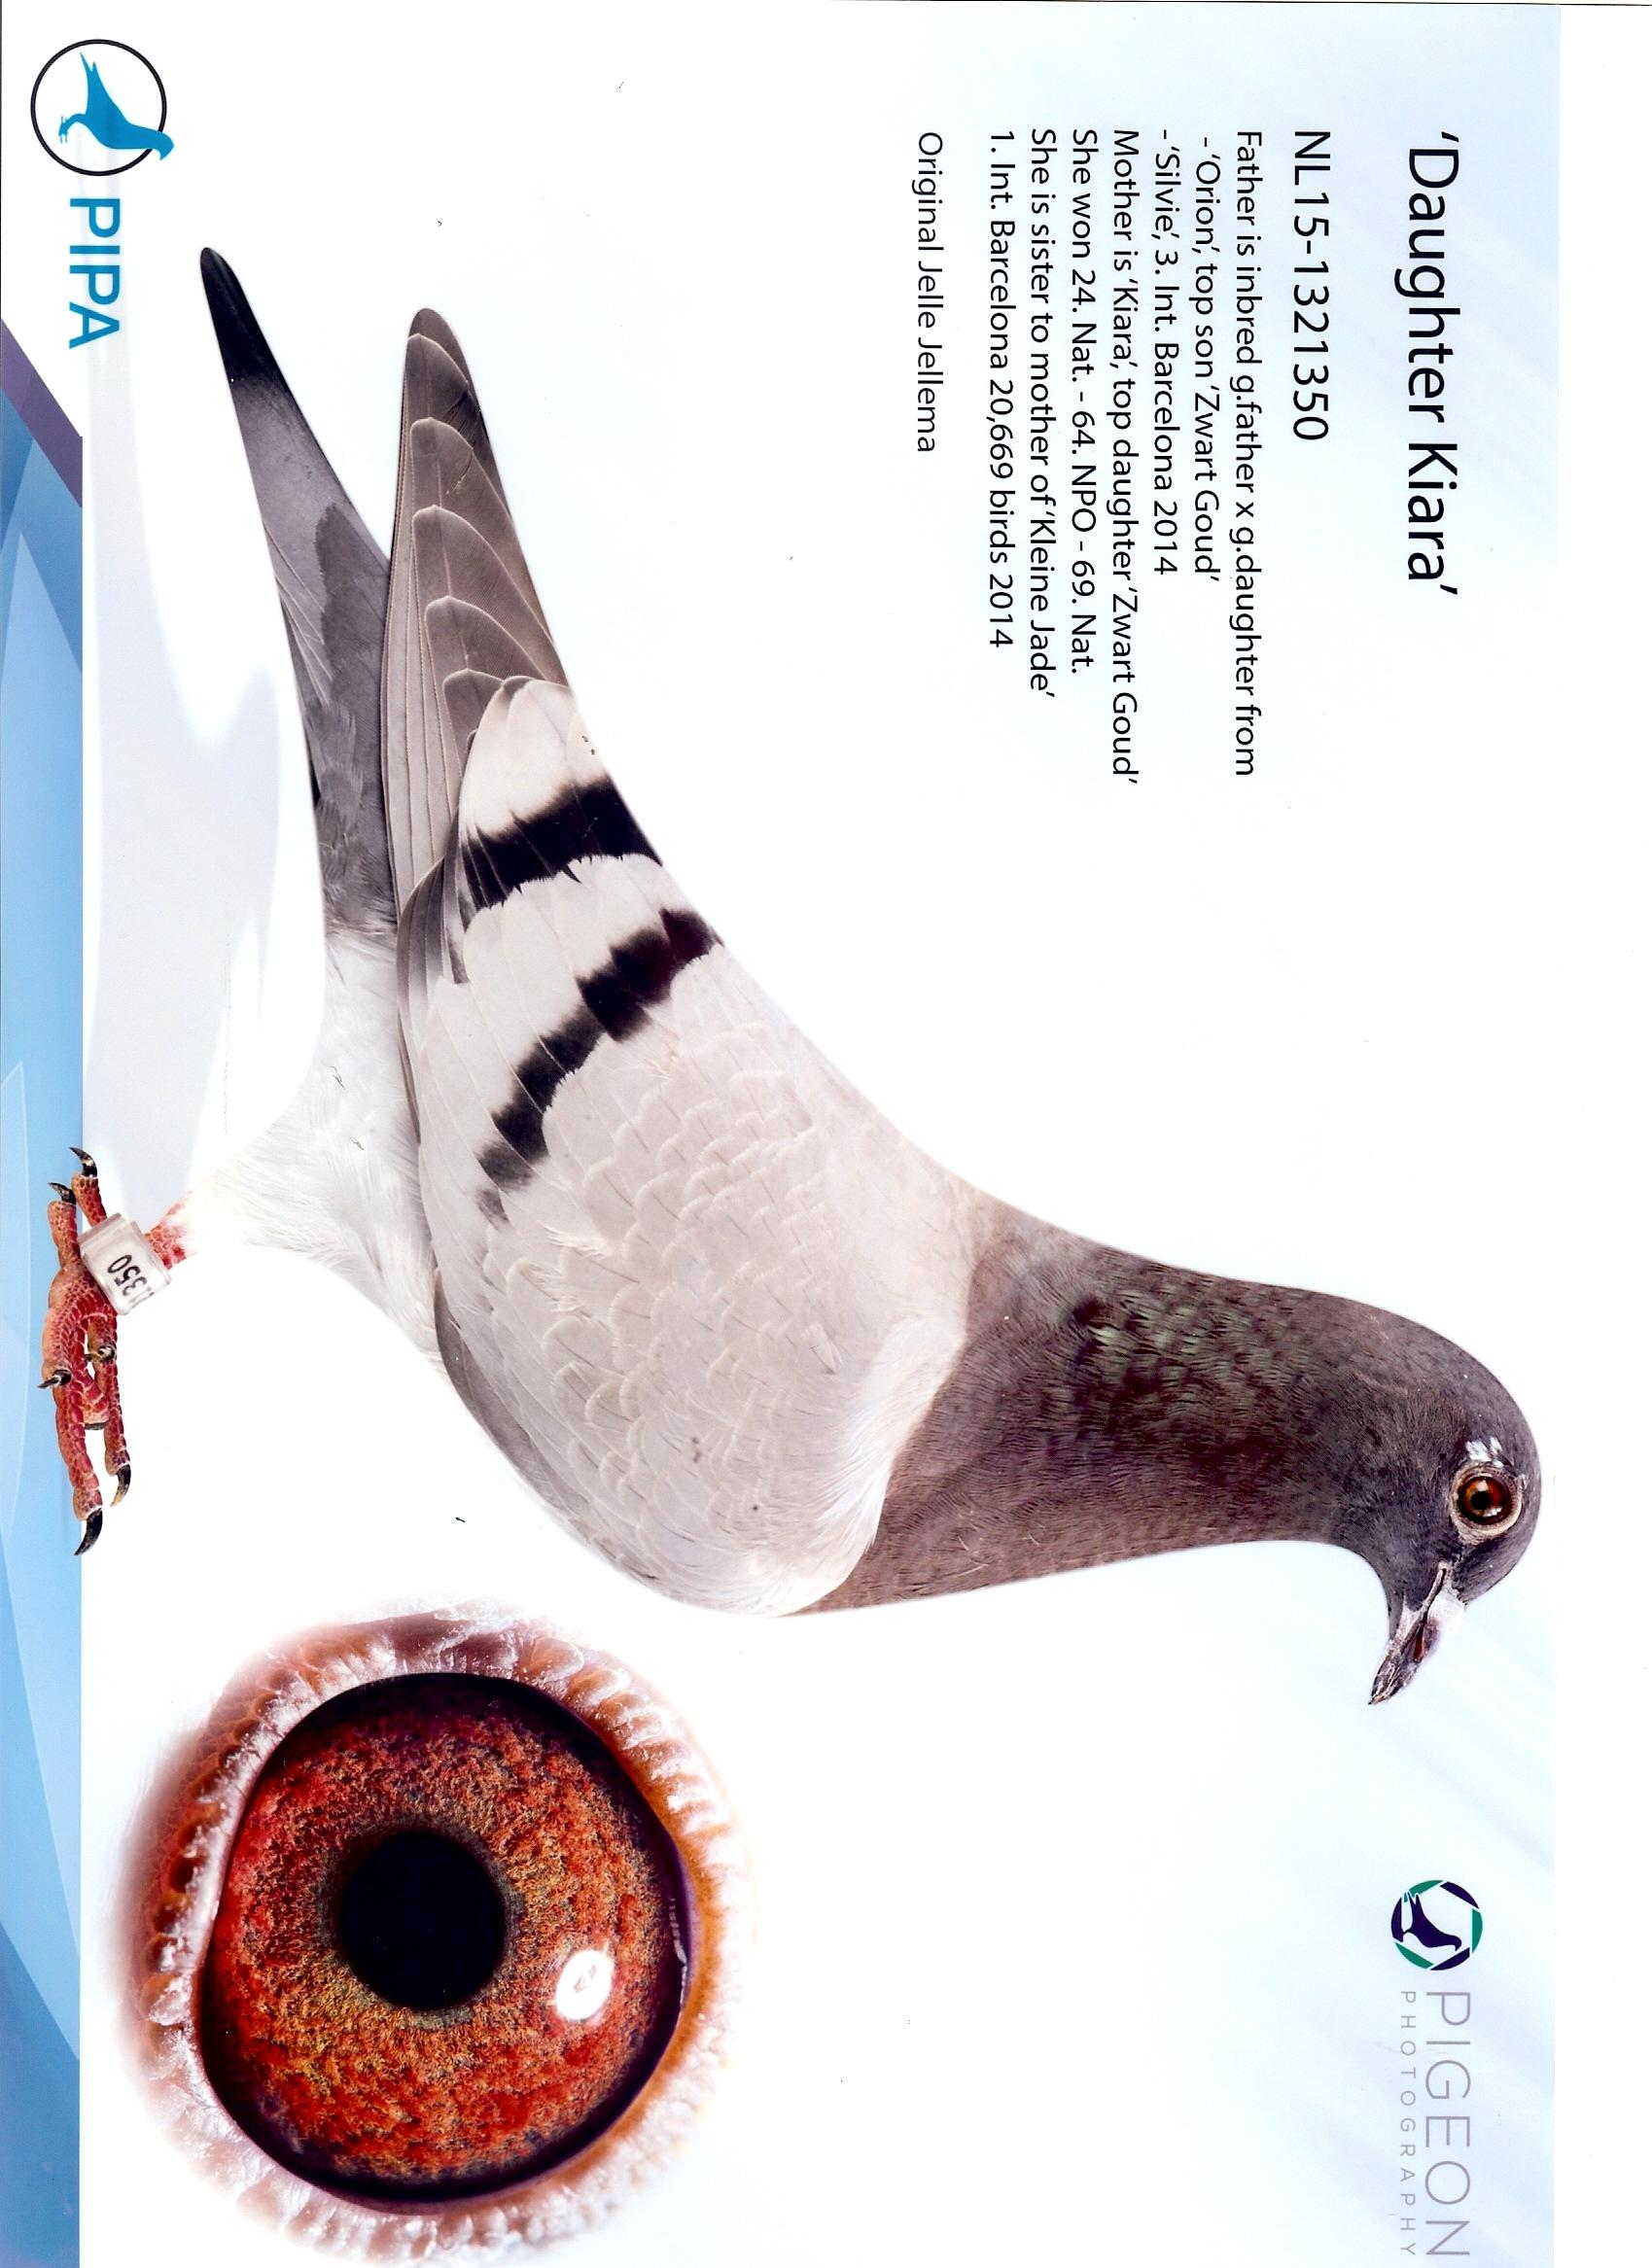 Jellema Pigeon